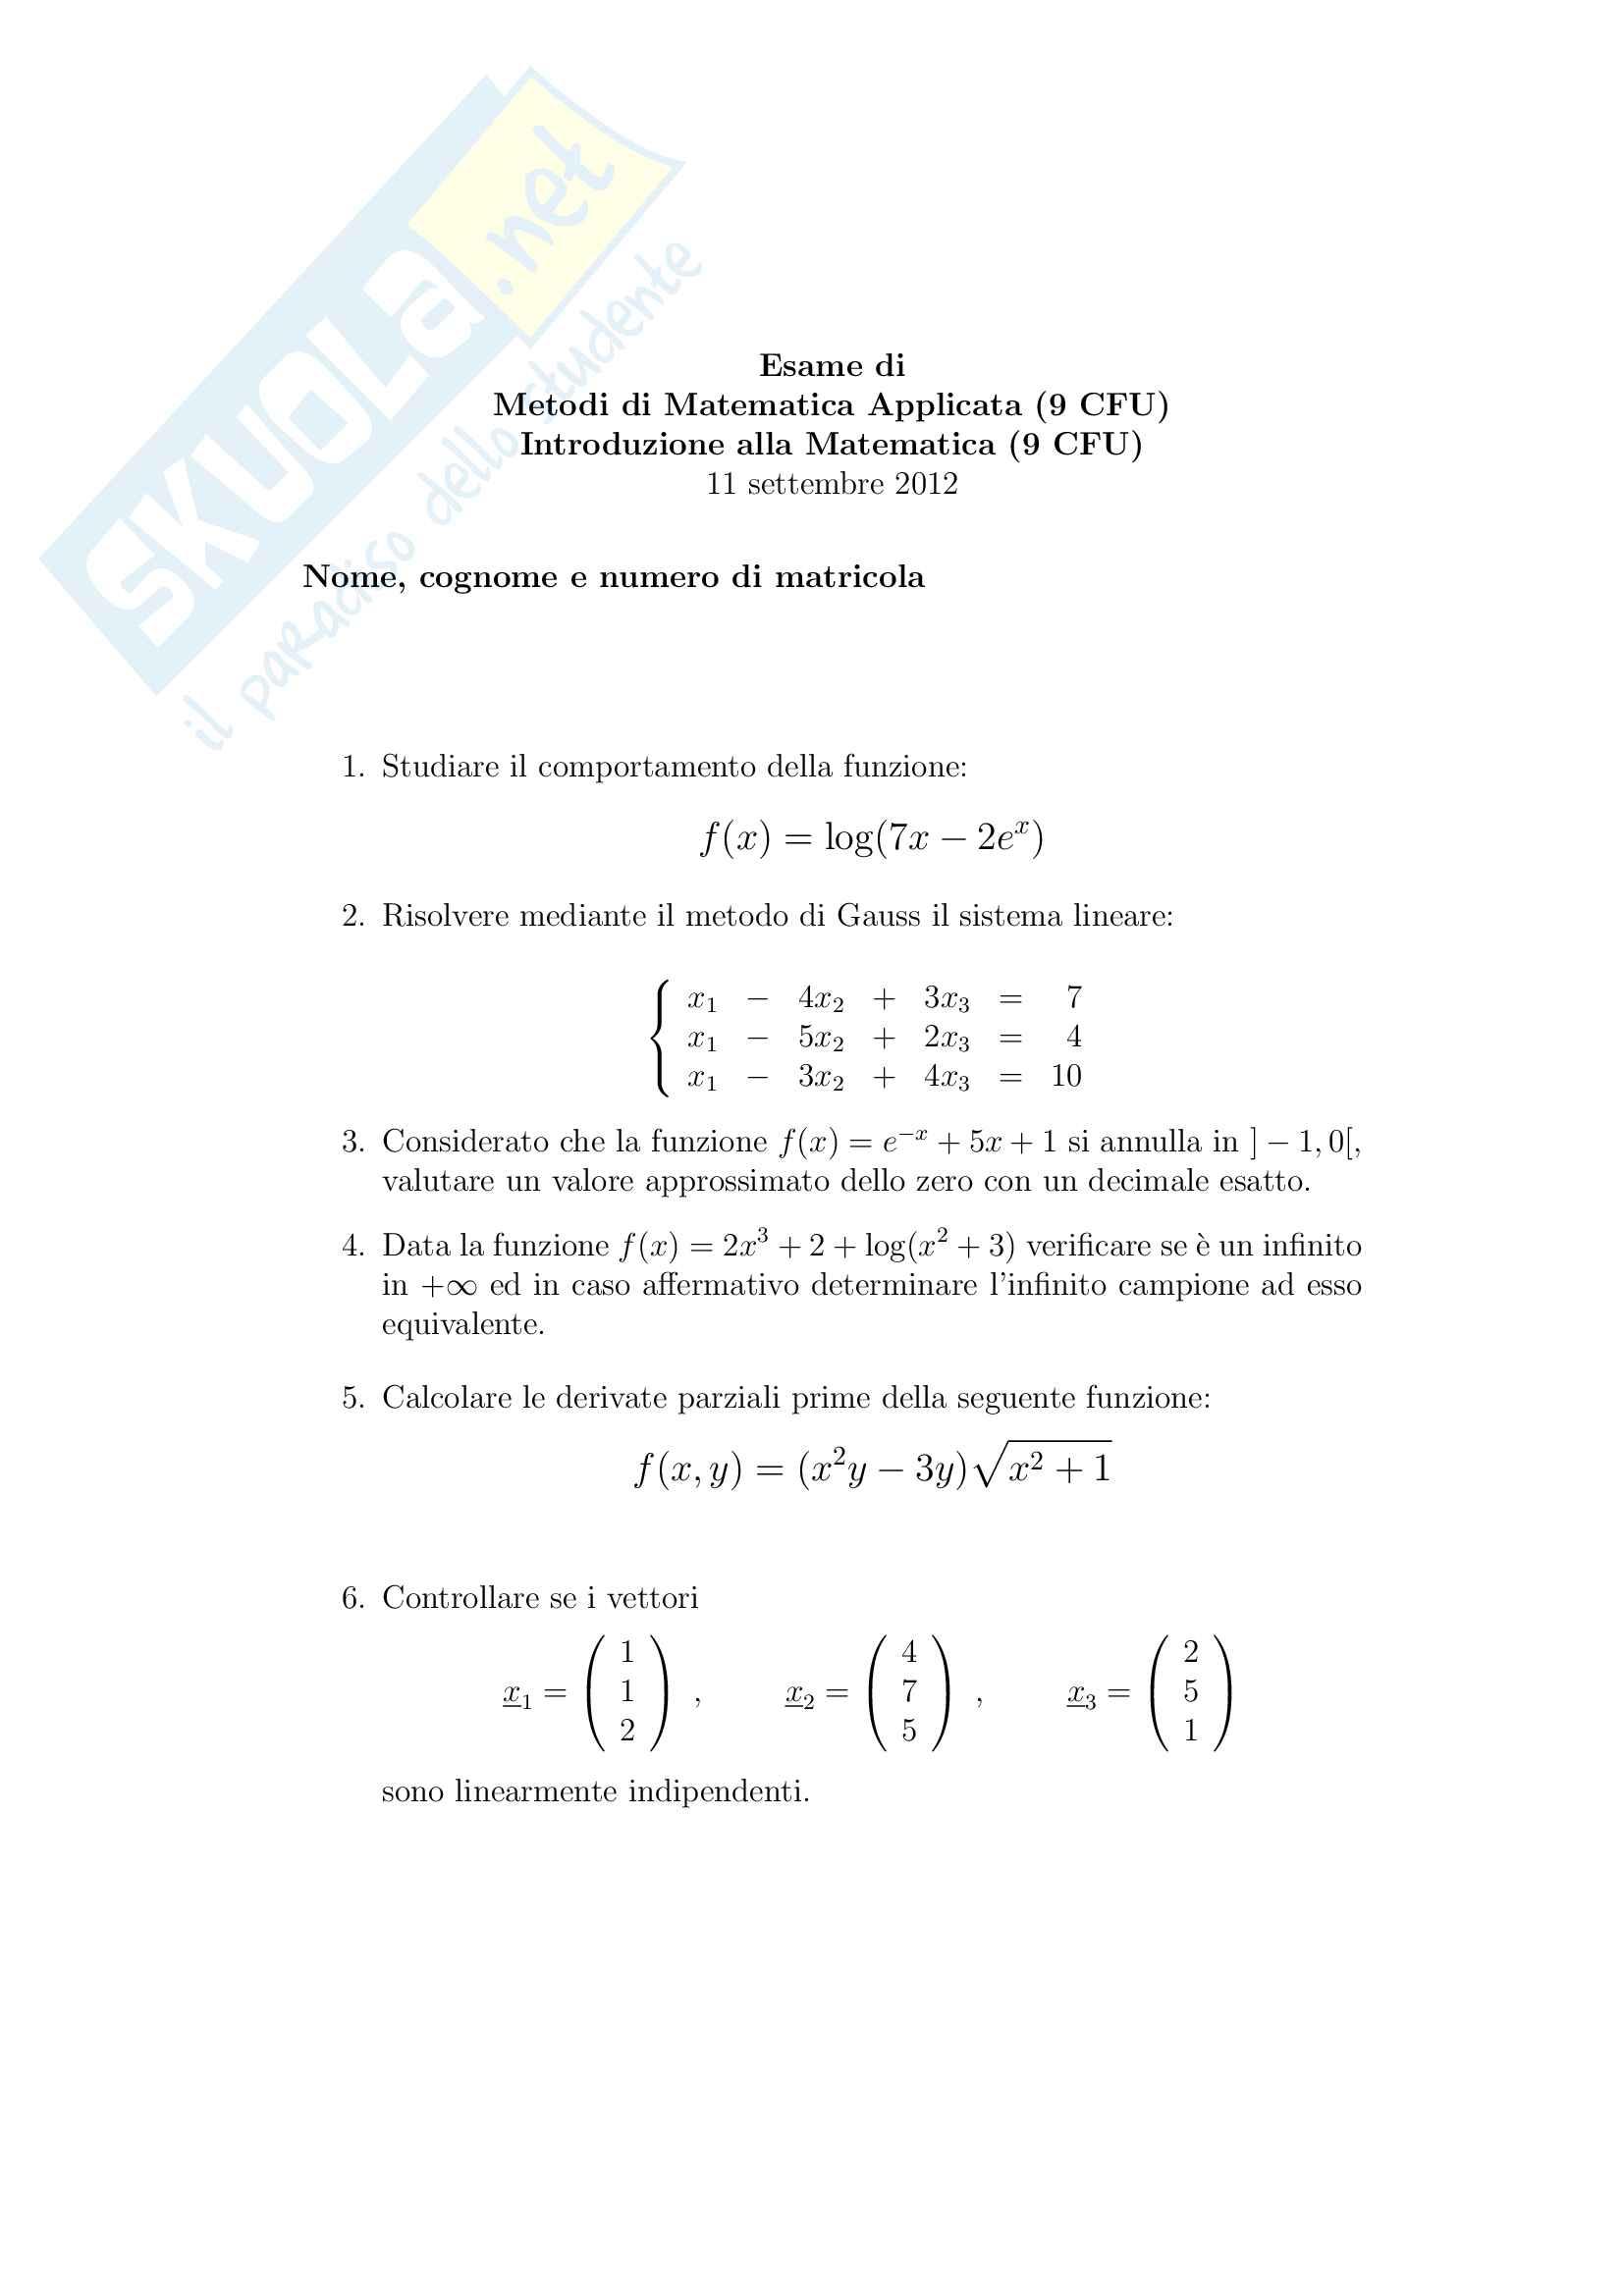 Esercitazioni metodi di matematica applicata